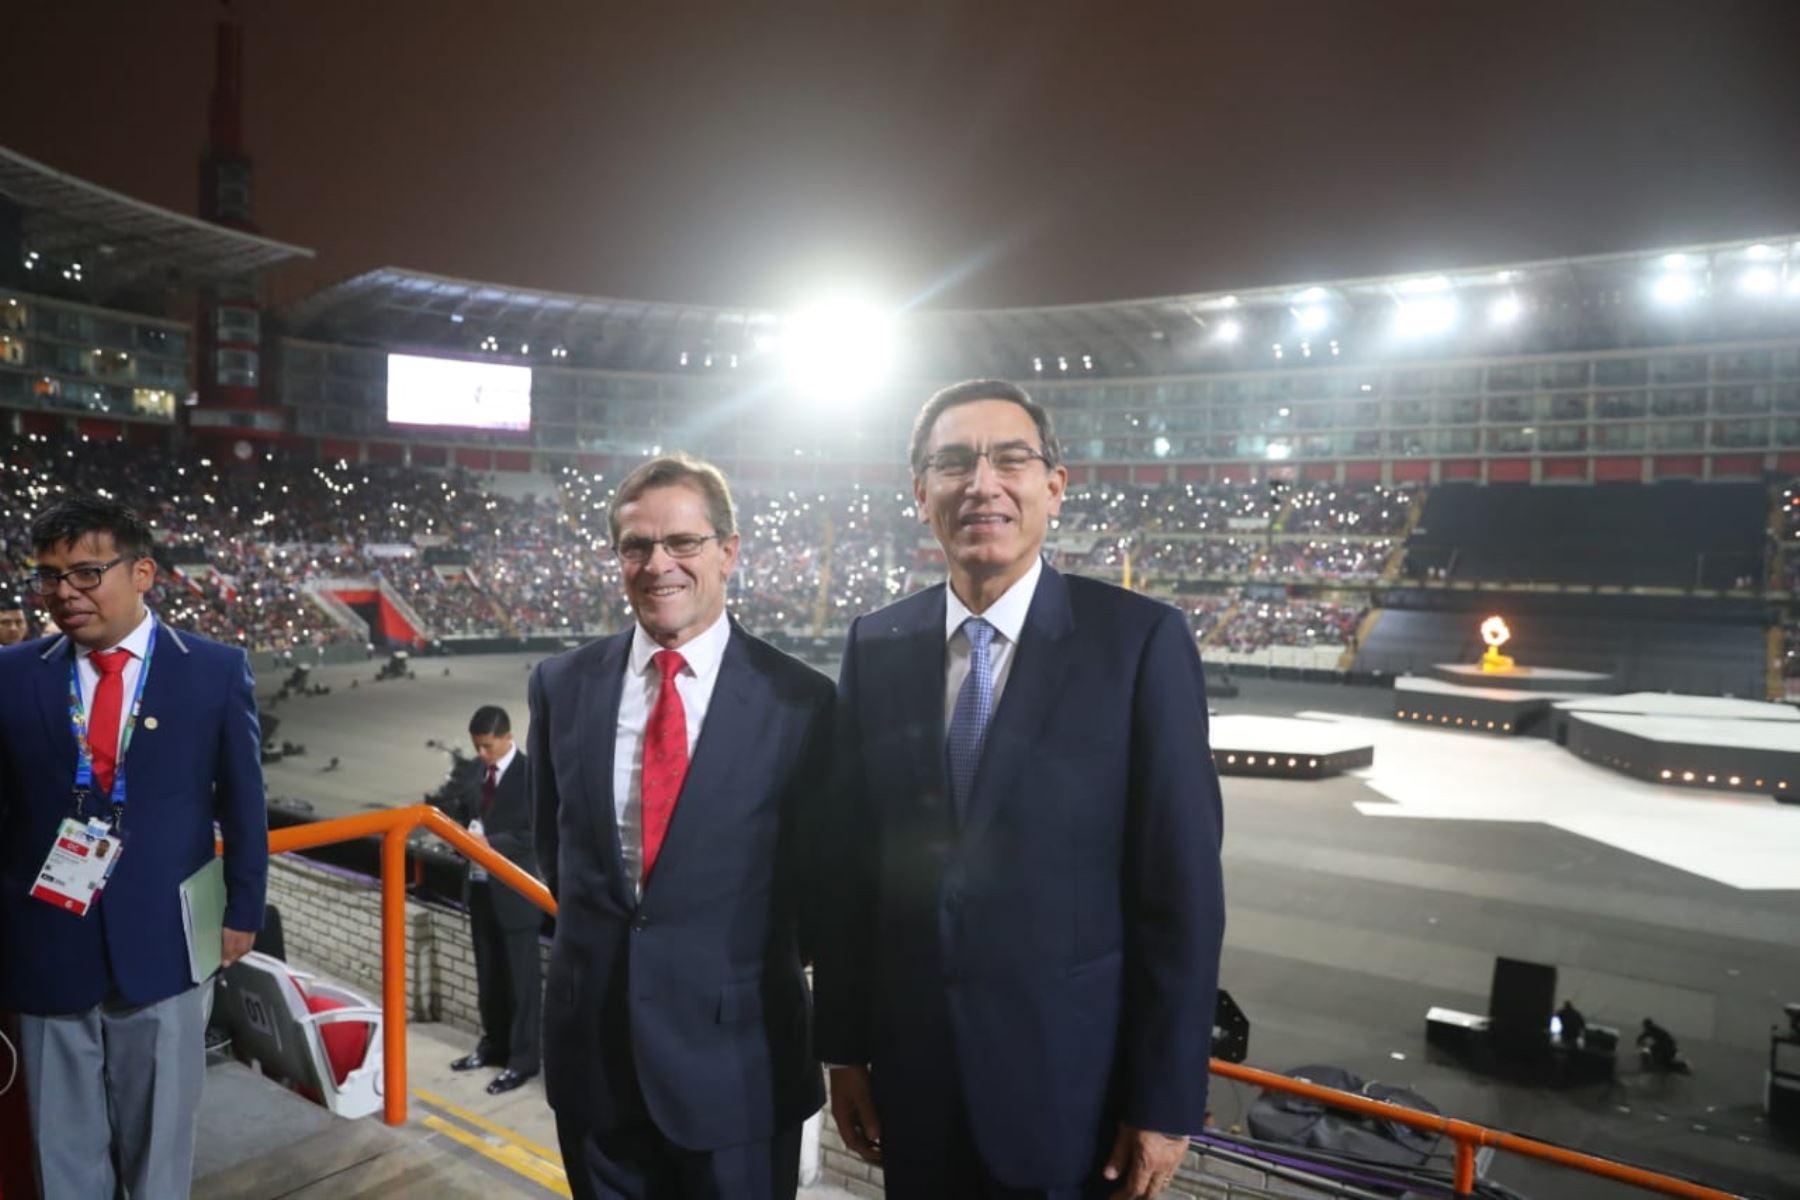 Jefe de Estado,Martín Vizcarra, junto al presidente del Comité Organizador de los Juegos Panamericanos Lima 2019, Carlos Neuhaus.Foto: ANDINA/Prensa Presidencia